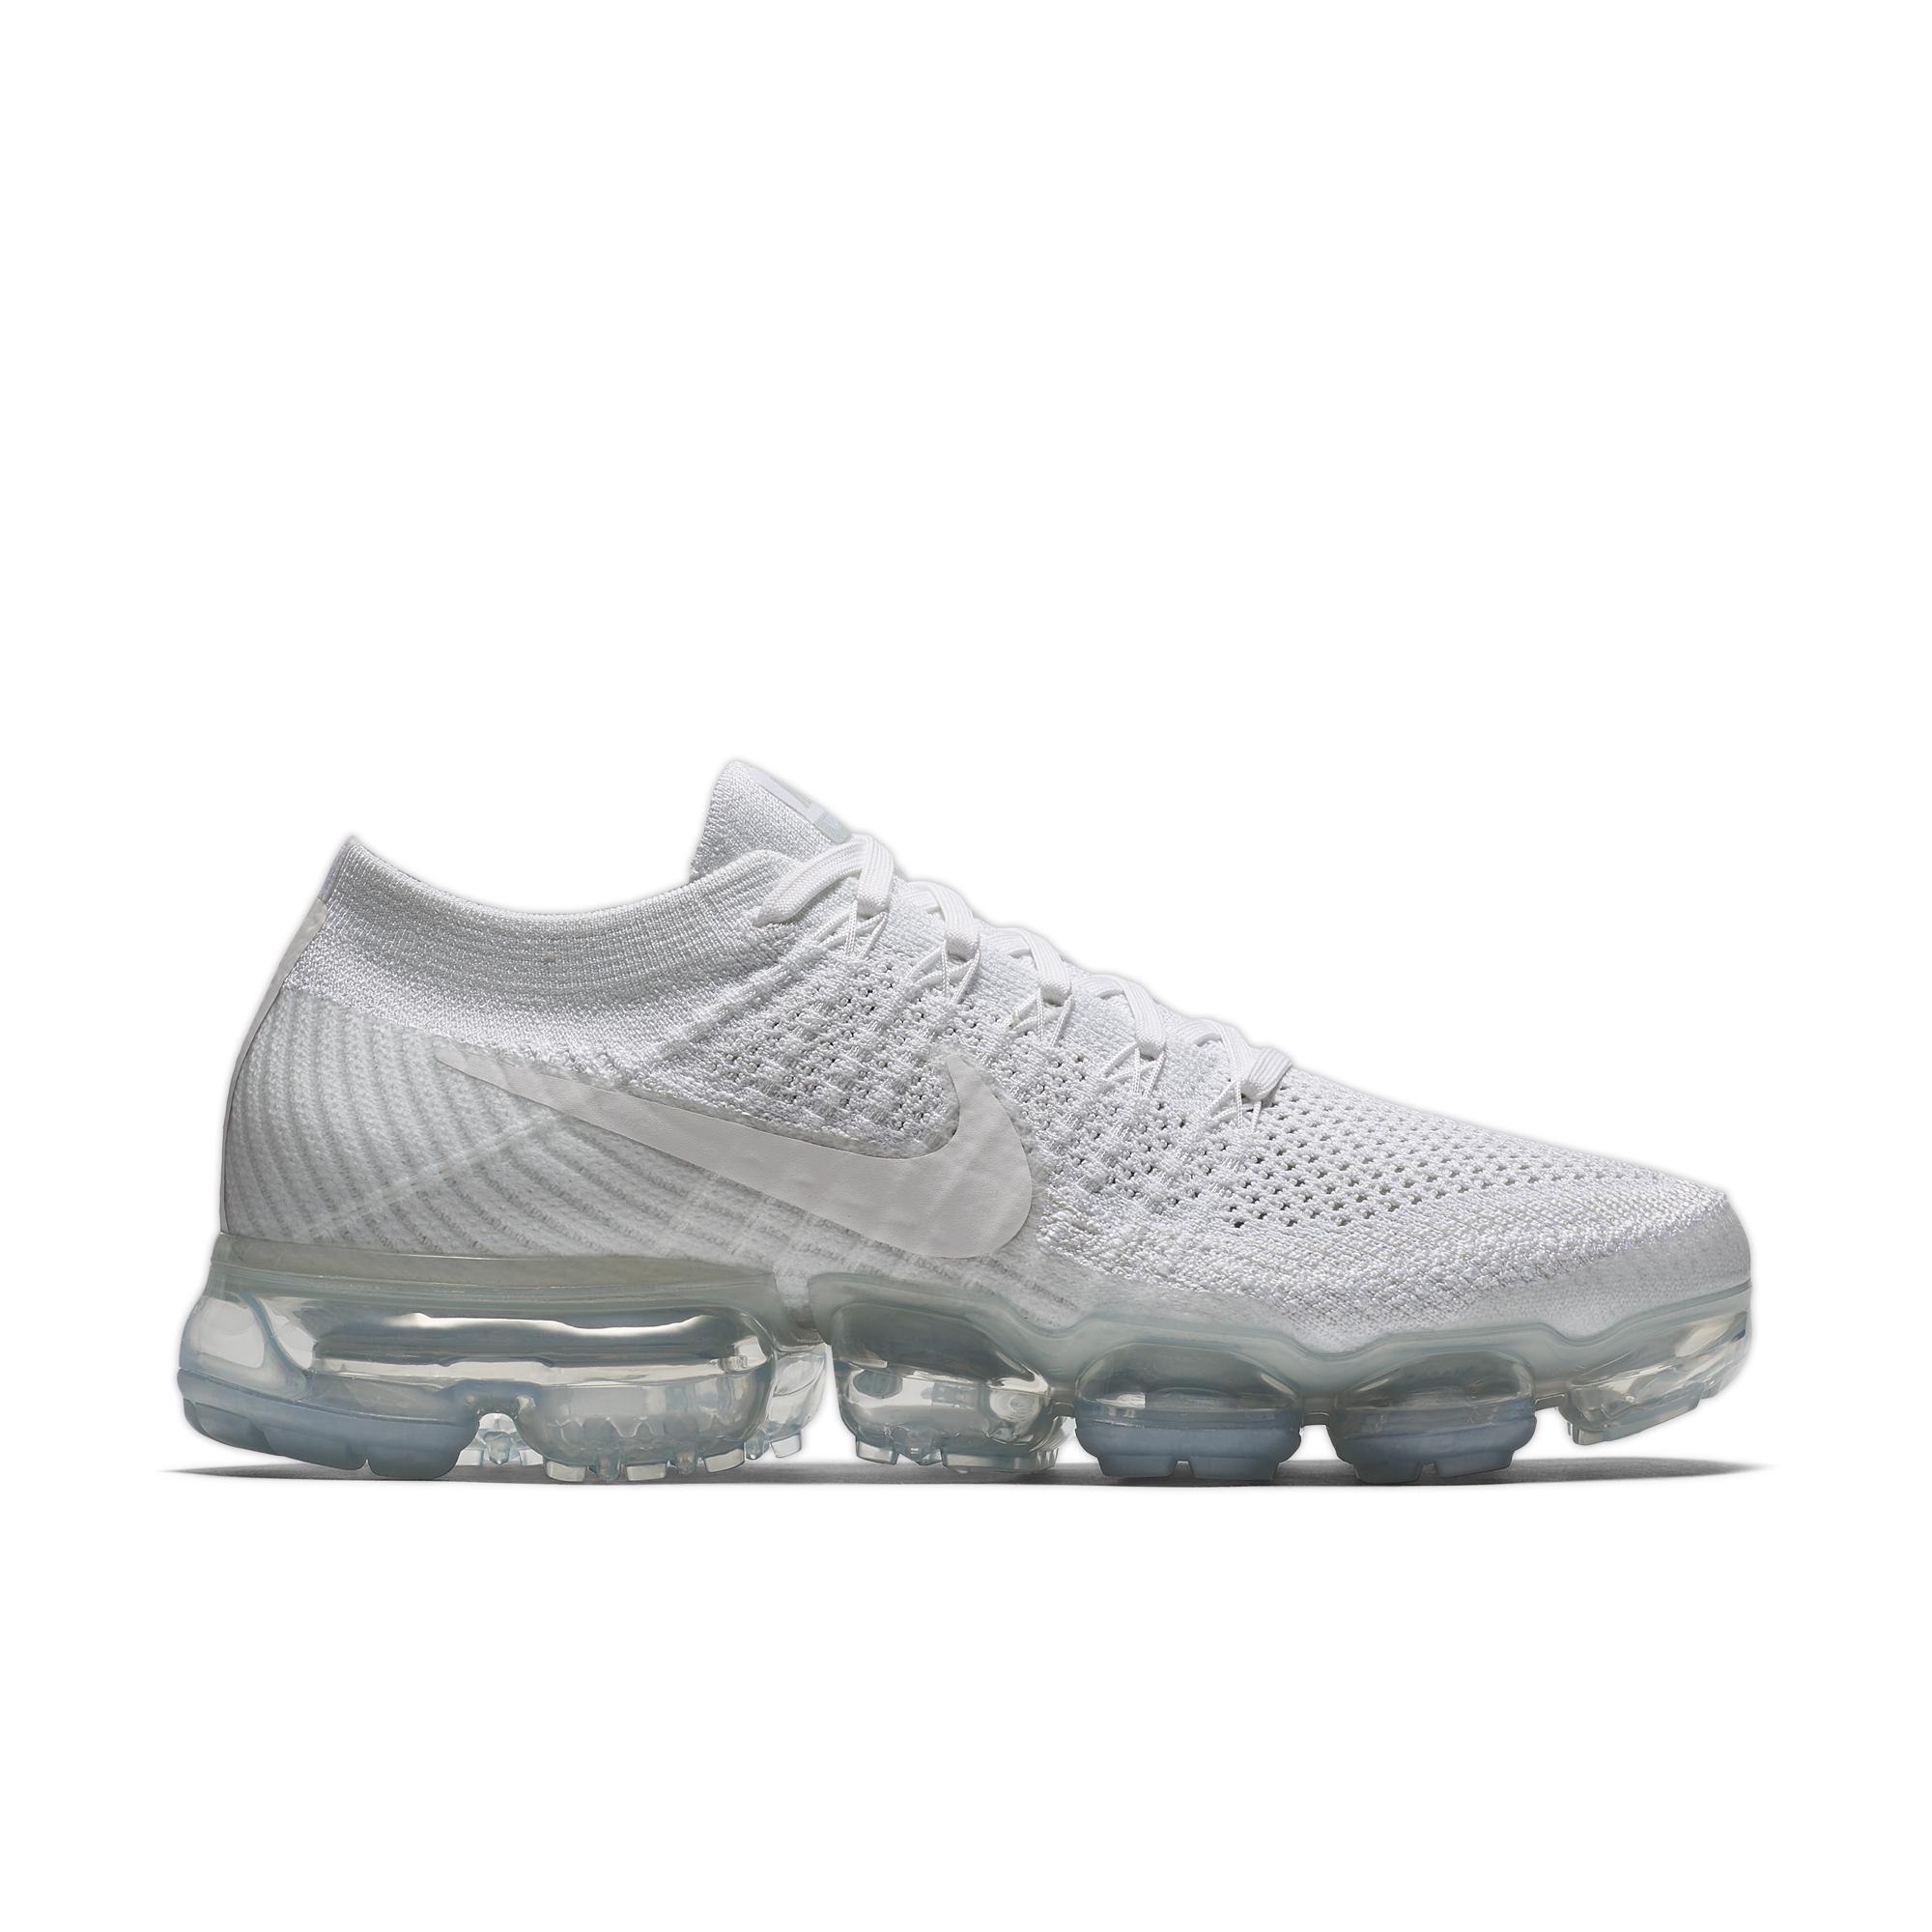 Nike Vapormax Des Femmes De Blanc Remise véritable images en ligne extrêmement Nice dégagement 100% original EC4GJ1vb